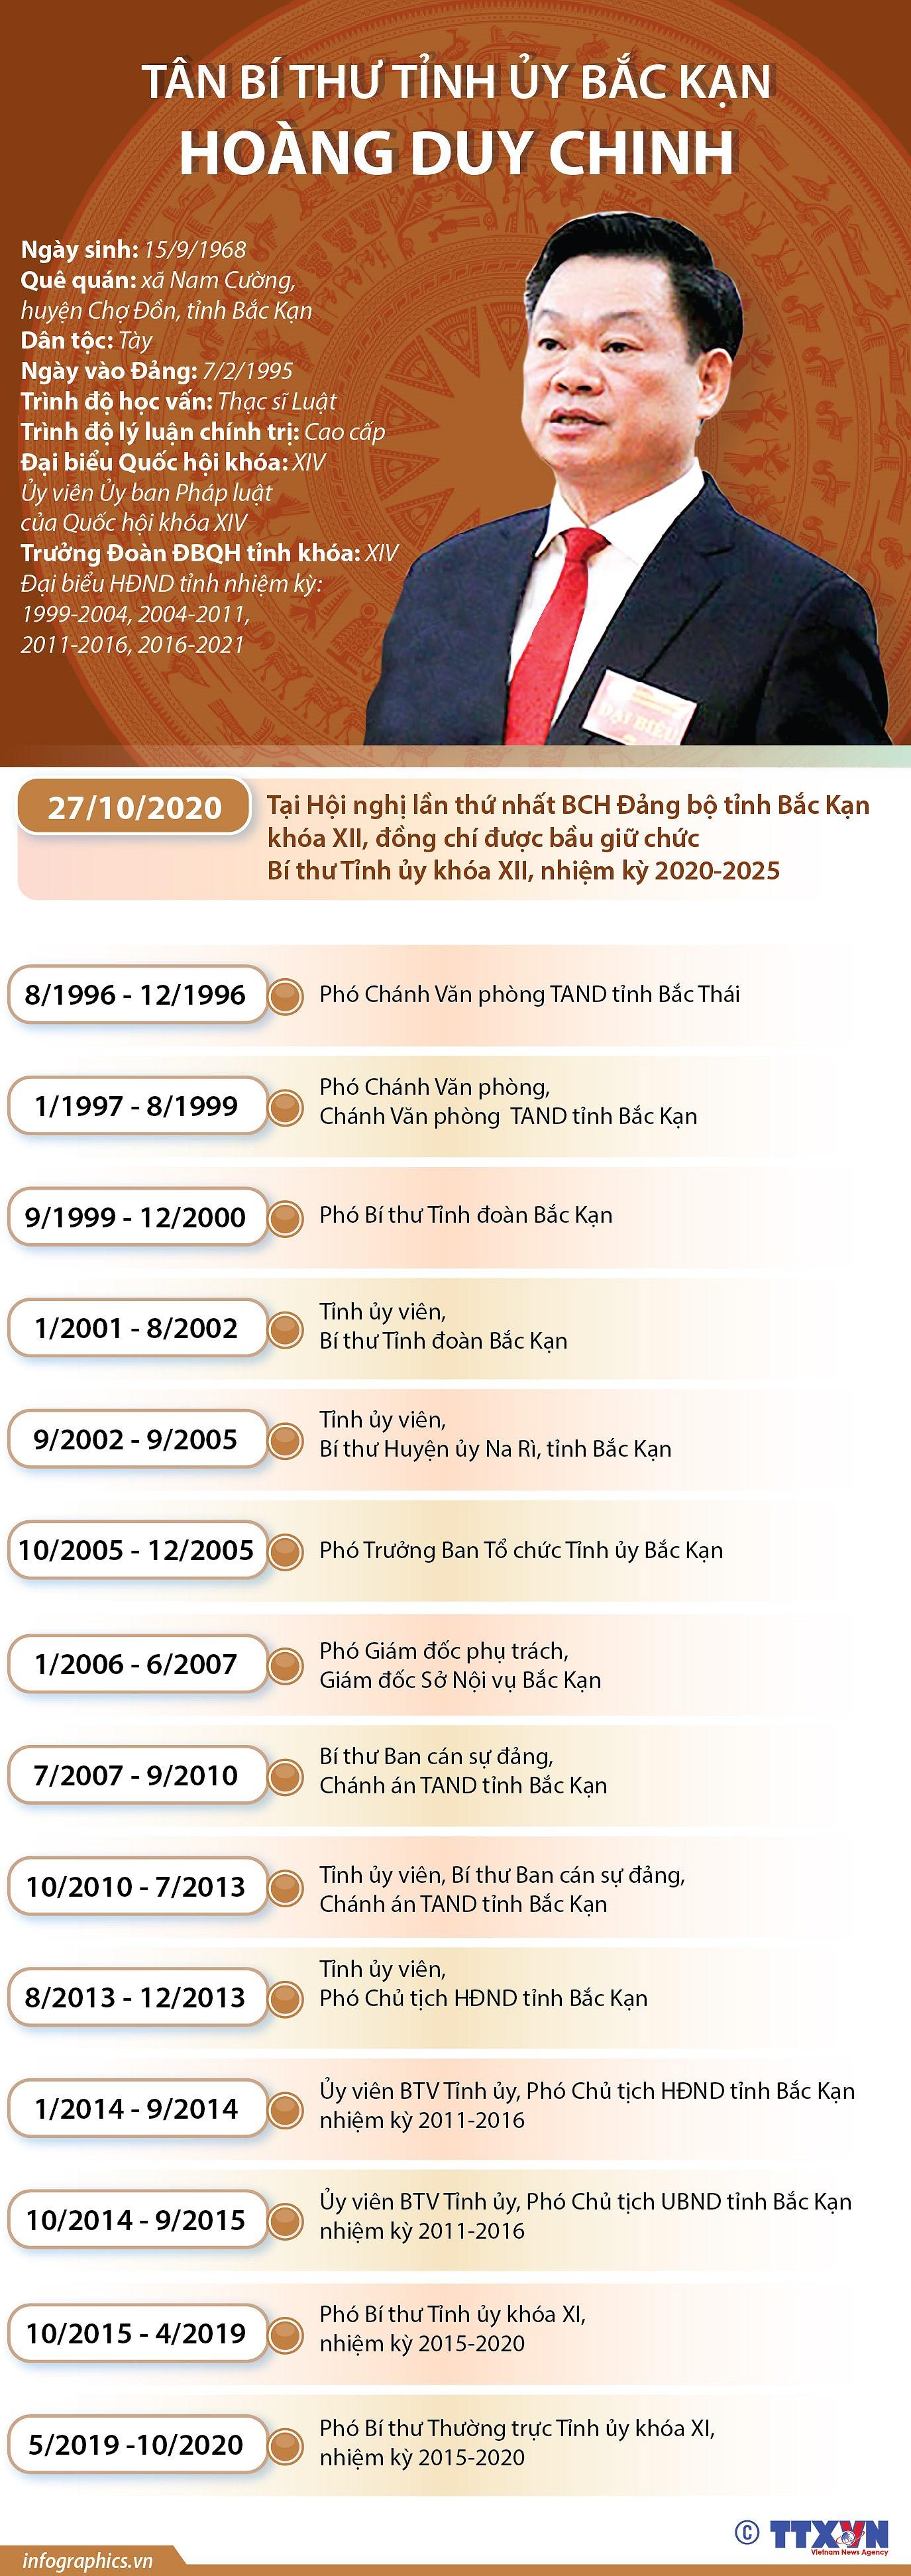 Be mac Dai hoi Dang bo tinh Bac Kan nhiem ky 2020-2025 hinh anh 1